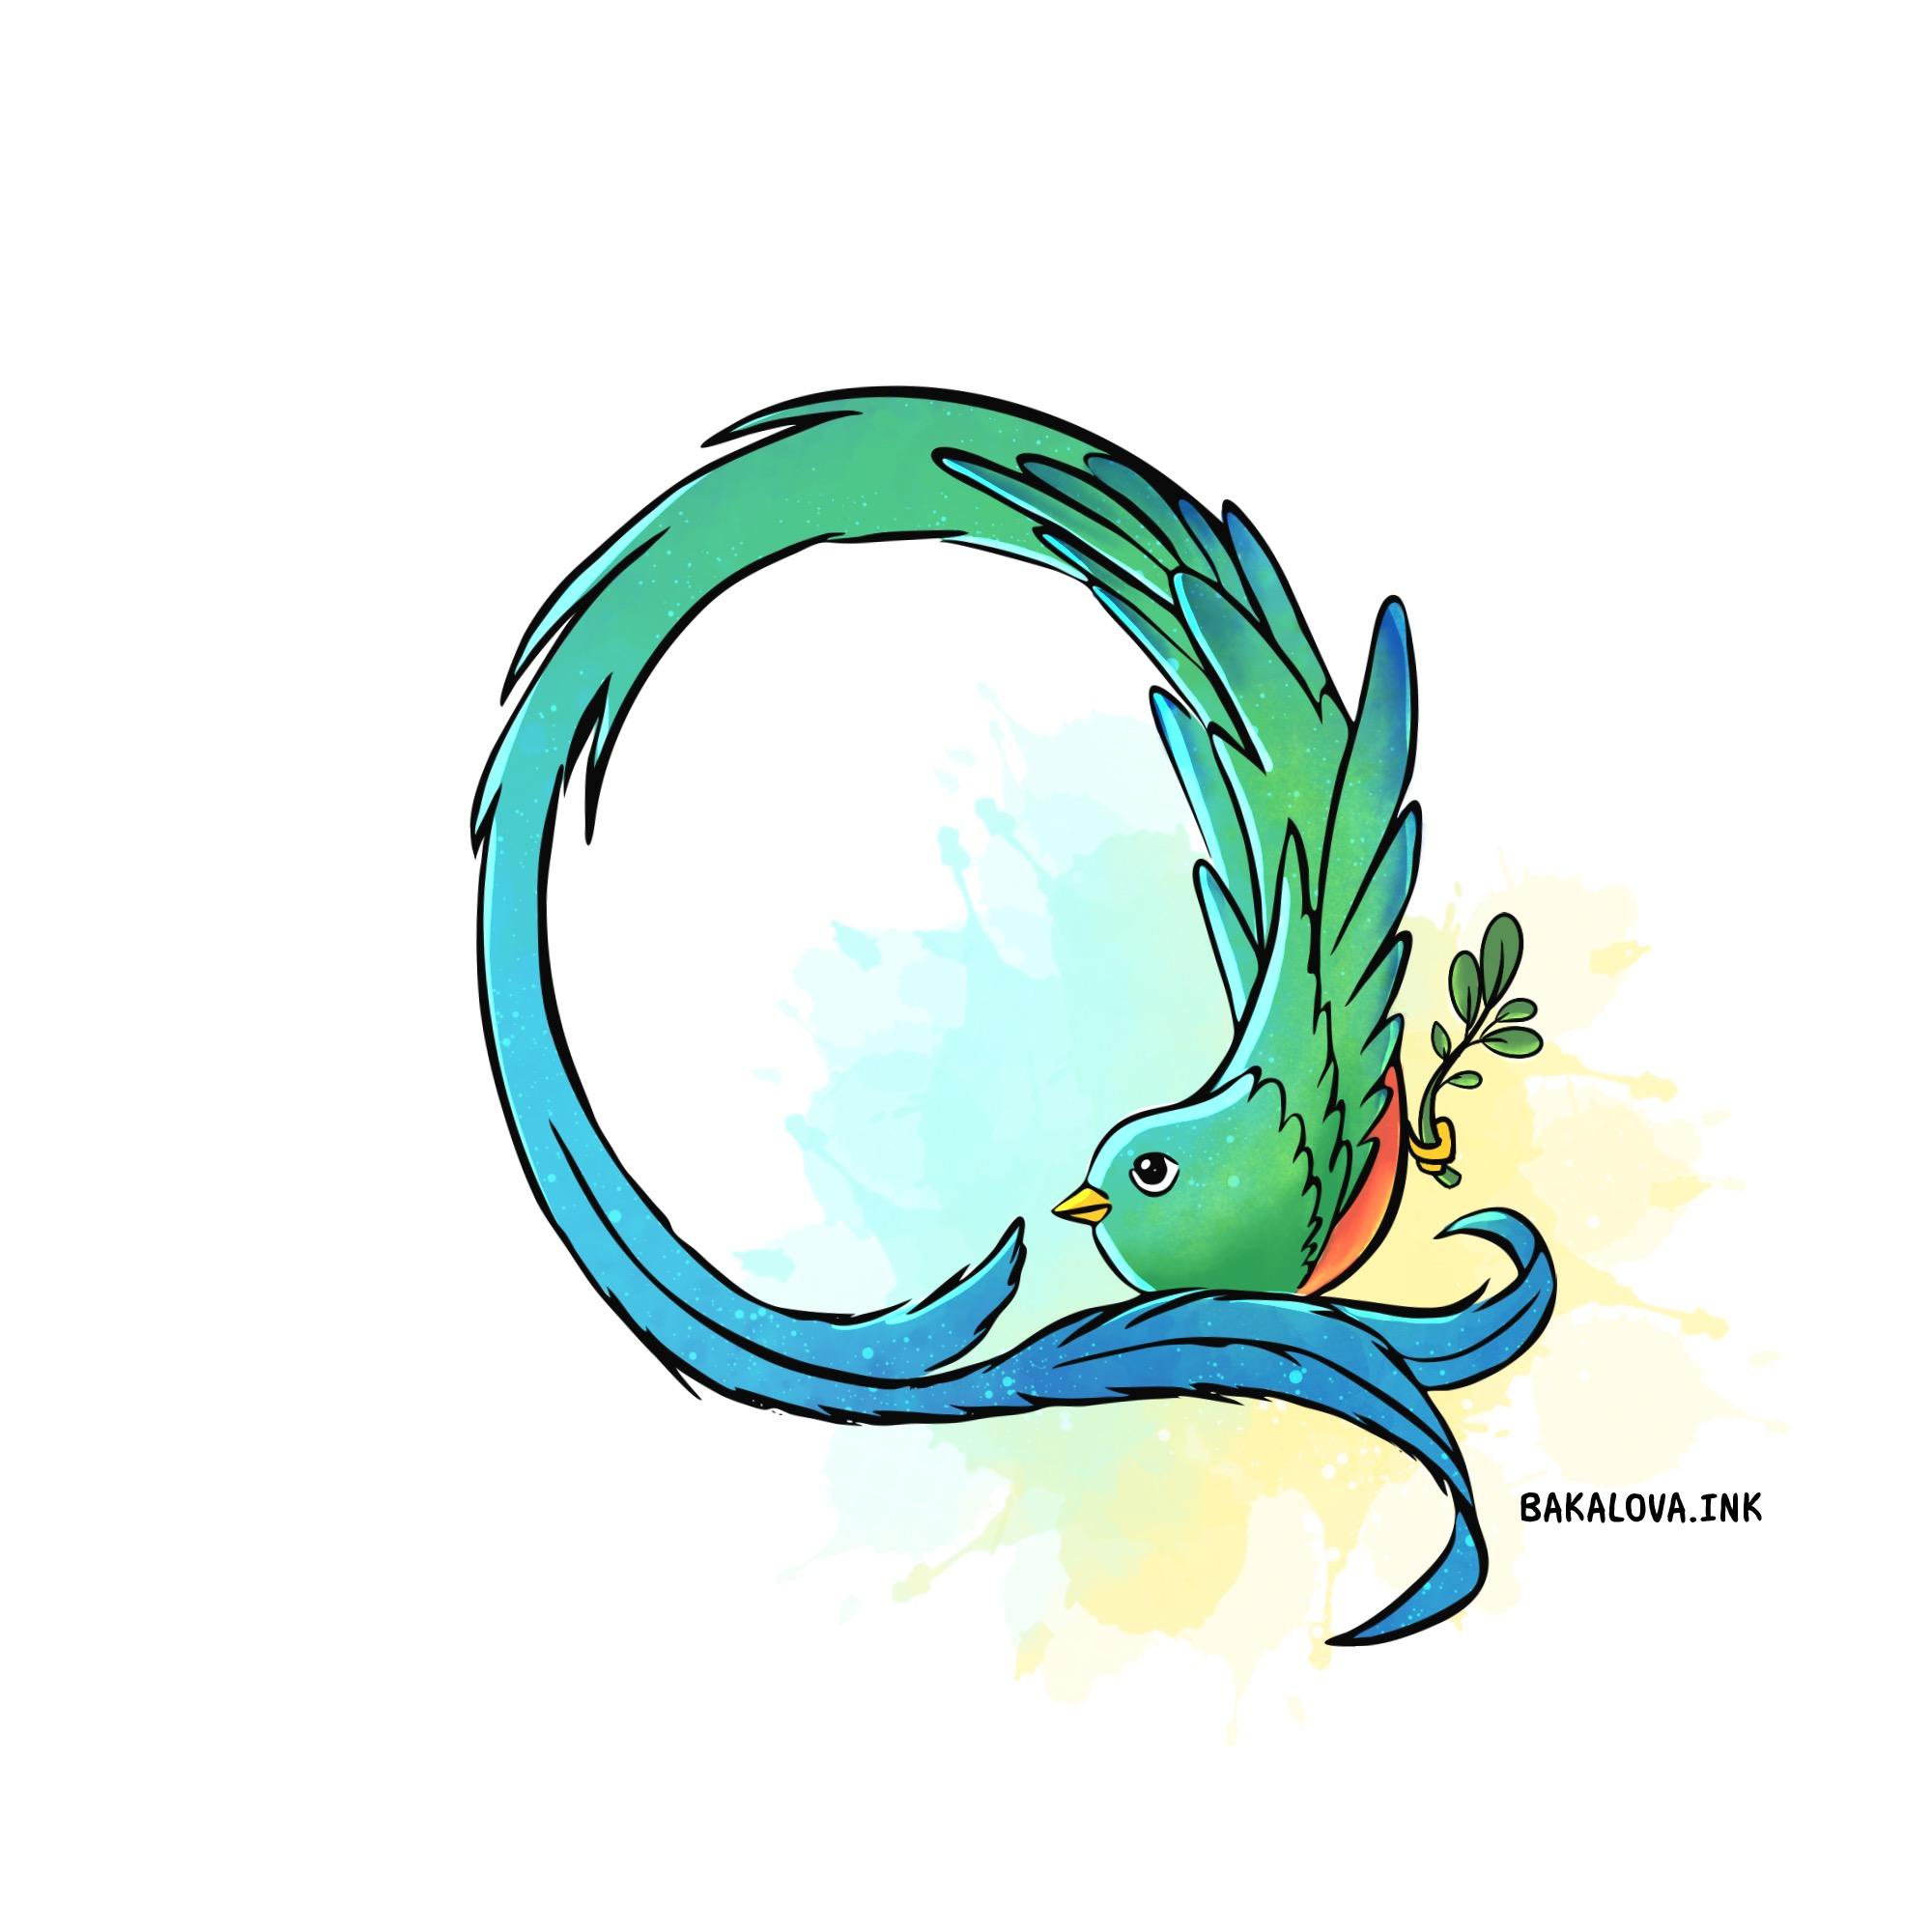 Quantal Quetzal